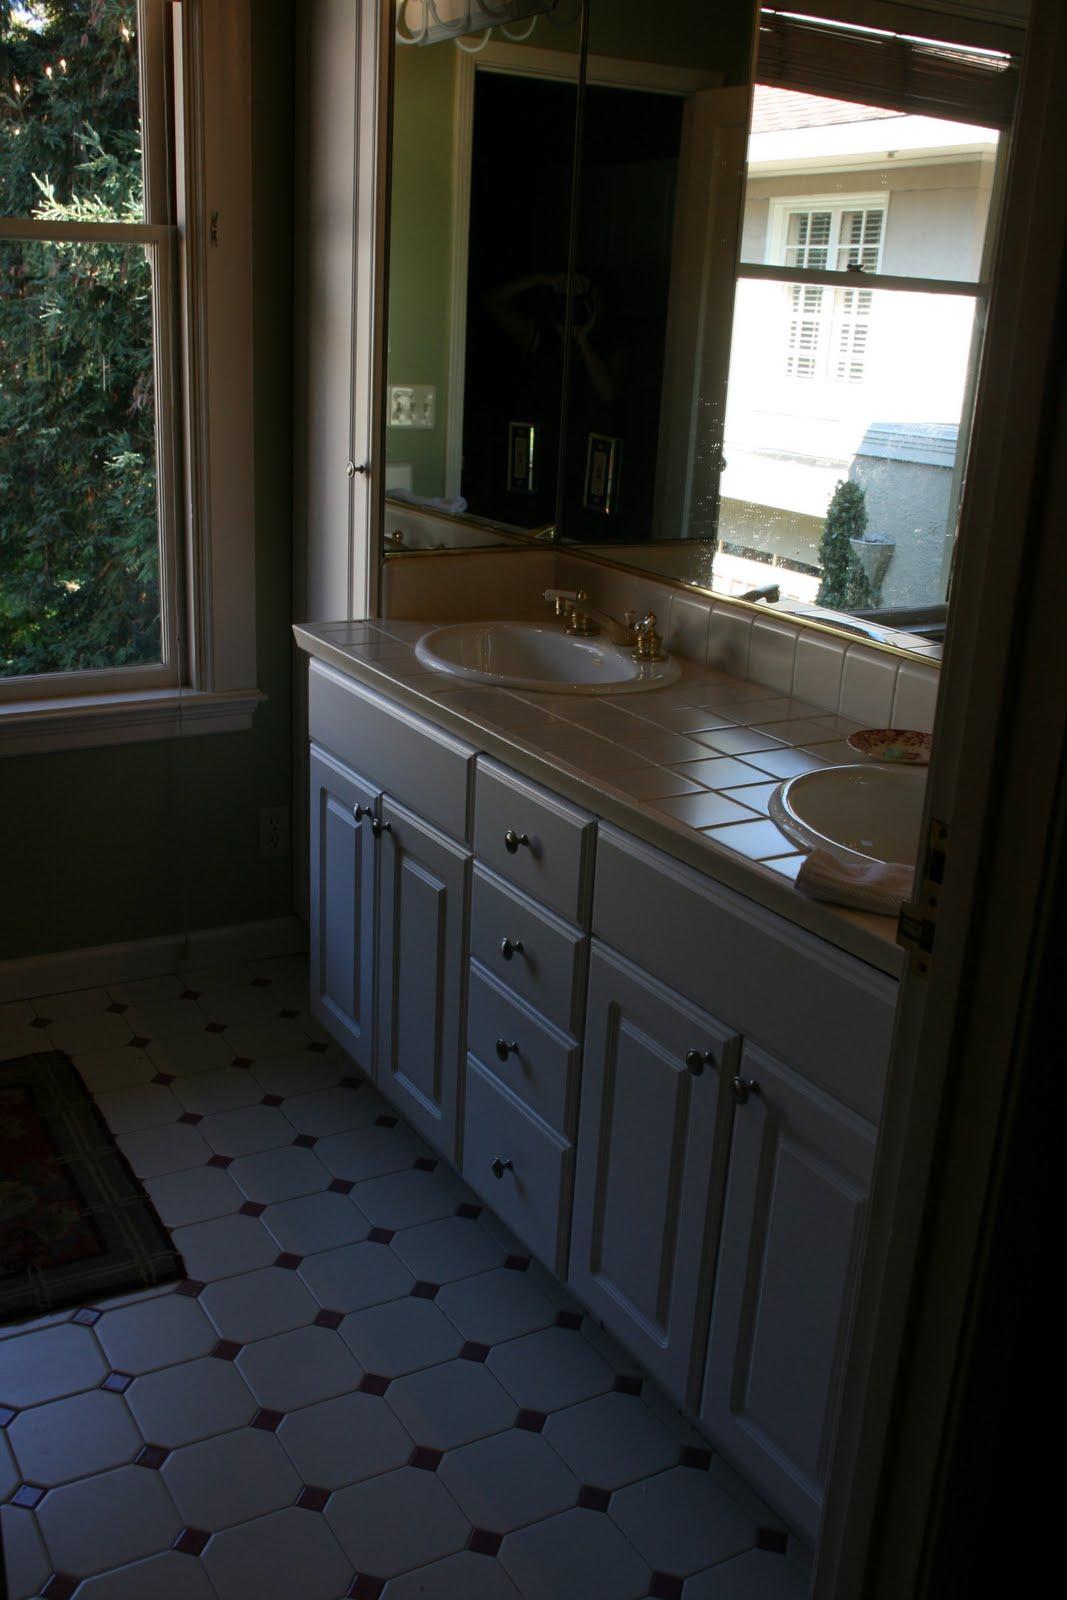 Bathroom Remodel Reveal: Vignette Design: A 30 Day Bathroom Remodel Reveal